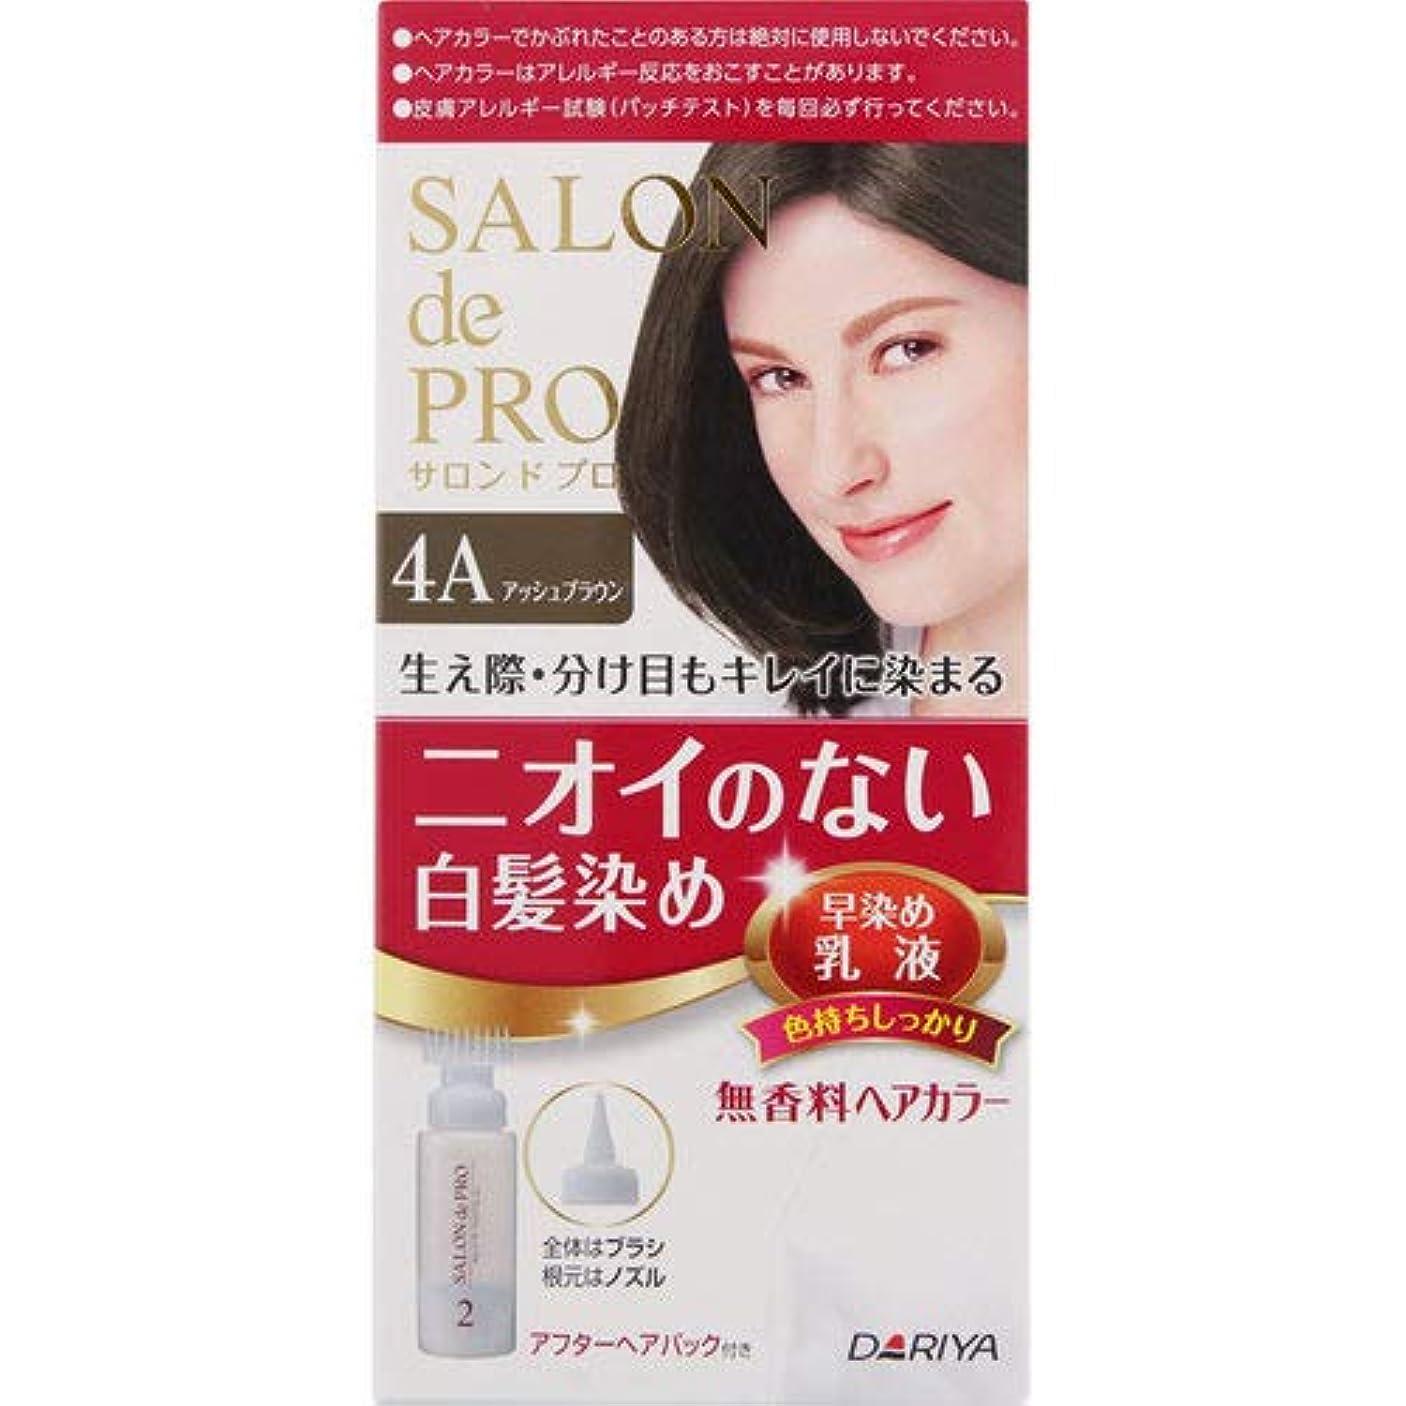 代替案知り合いになる固めるサロンドプロ無香料ヘアカラー早染め乳液4A(アッシュブラウン)